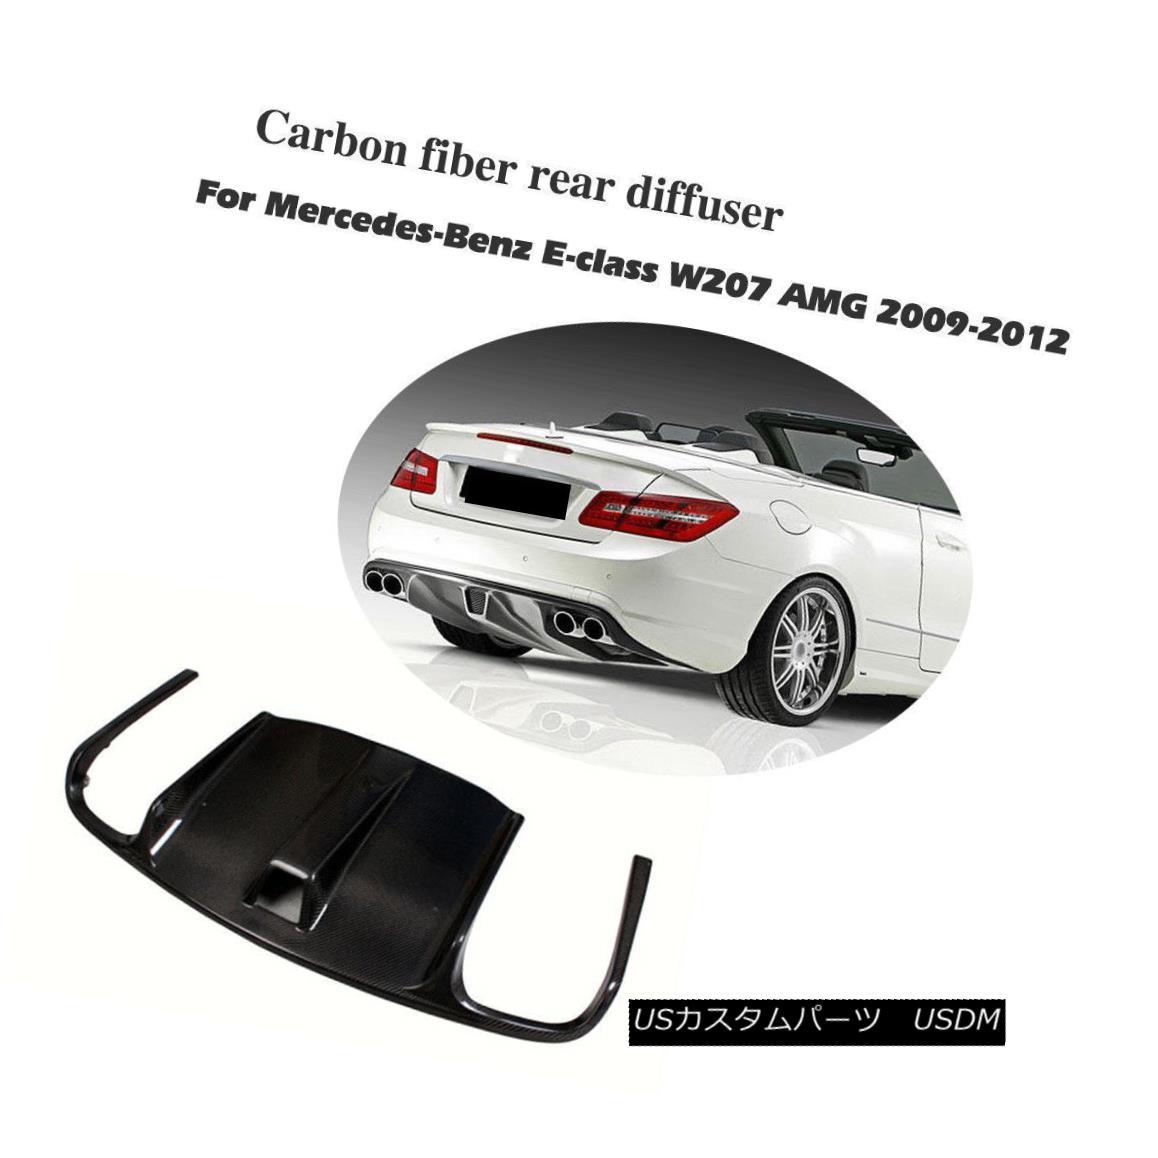 エアロパーツ Rear Bumper Diffuser Lip Fit for Mercedes Benz W207 E63 AMG Carbon Fiber 09-12 メルセデスベンツW207 E63 AMG炭素繊維09-12のためのリアバンパーディフューザーリップフィット